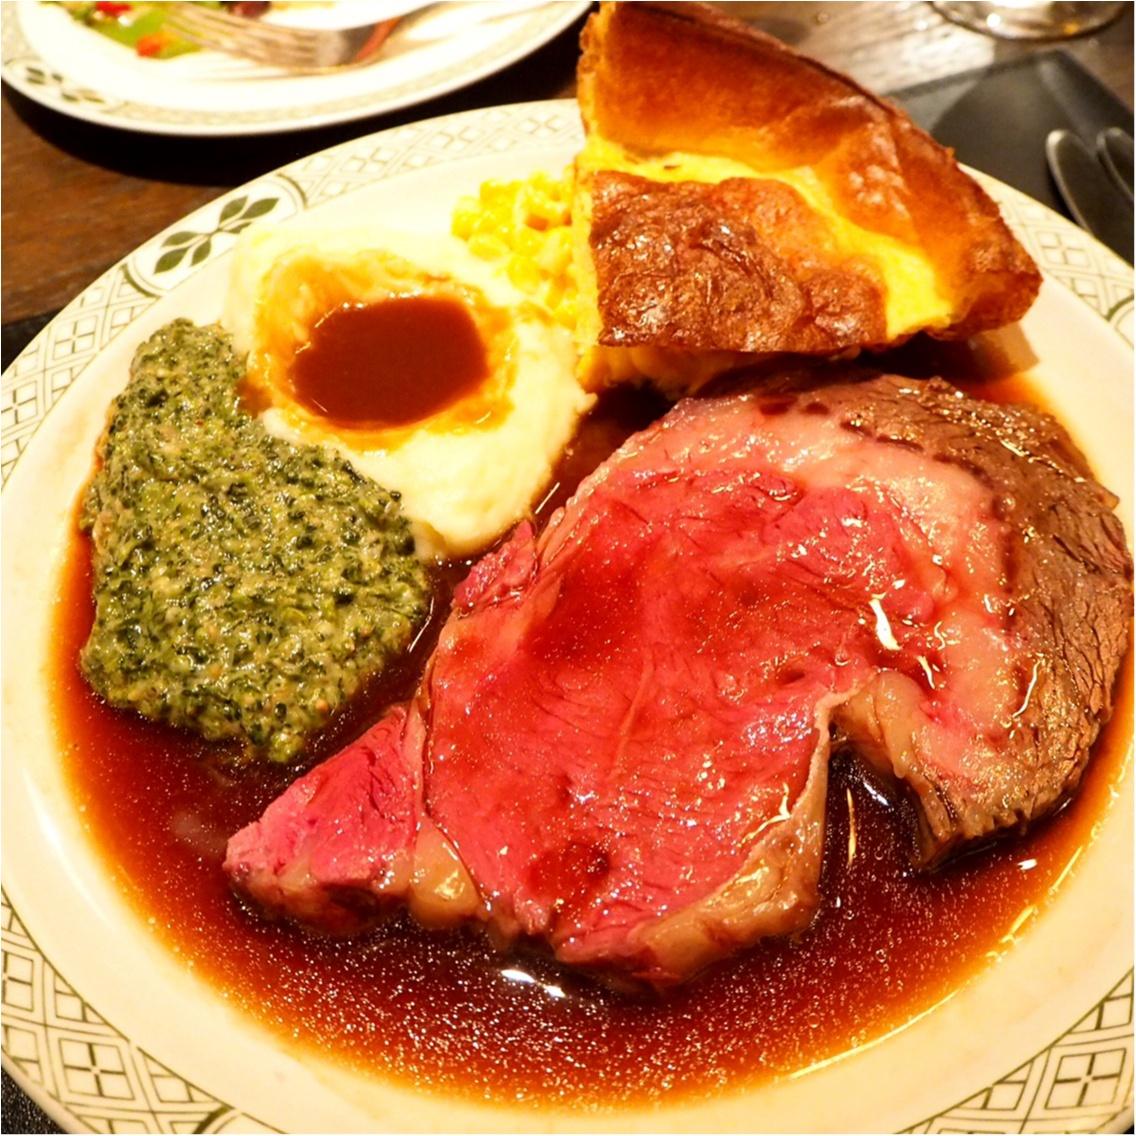 お肉大好き♡野菜大好き♡恵比寿ガーデンプレイスで素敵なランチ時間を過ごしました♪_7